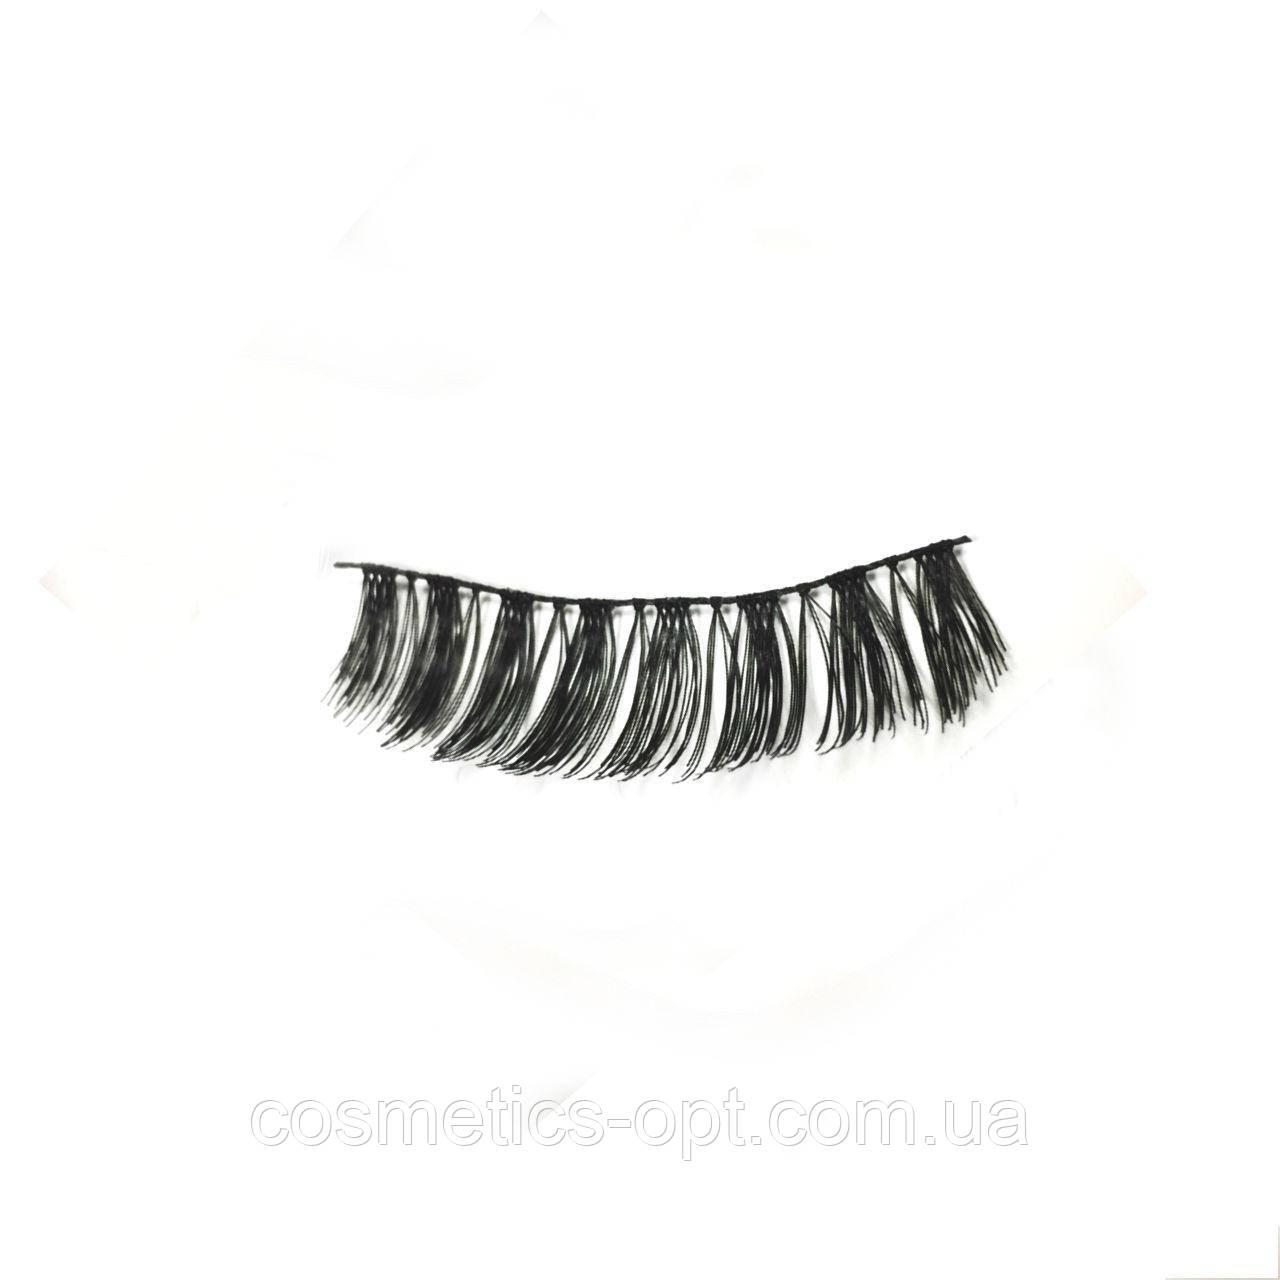 Накладные ресницы 3D Huda Beauty №6 (реплика)